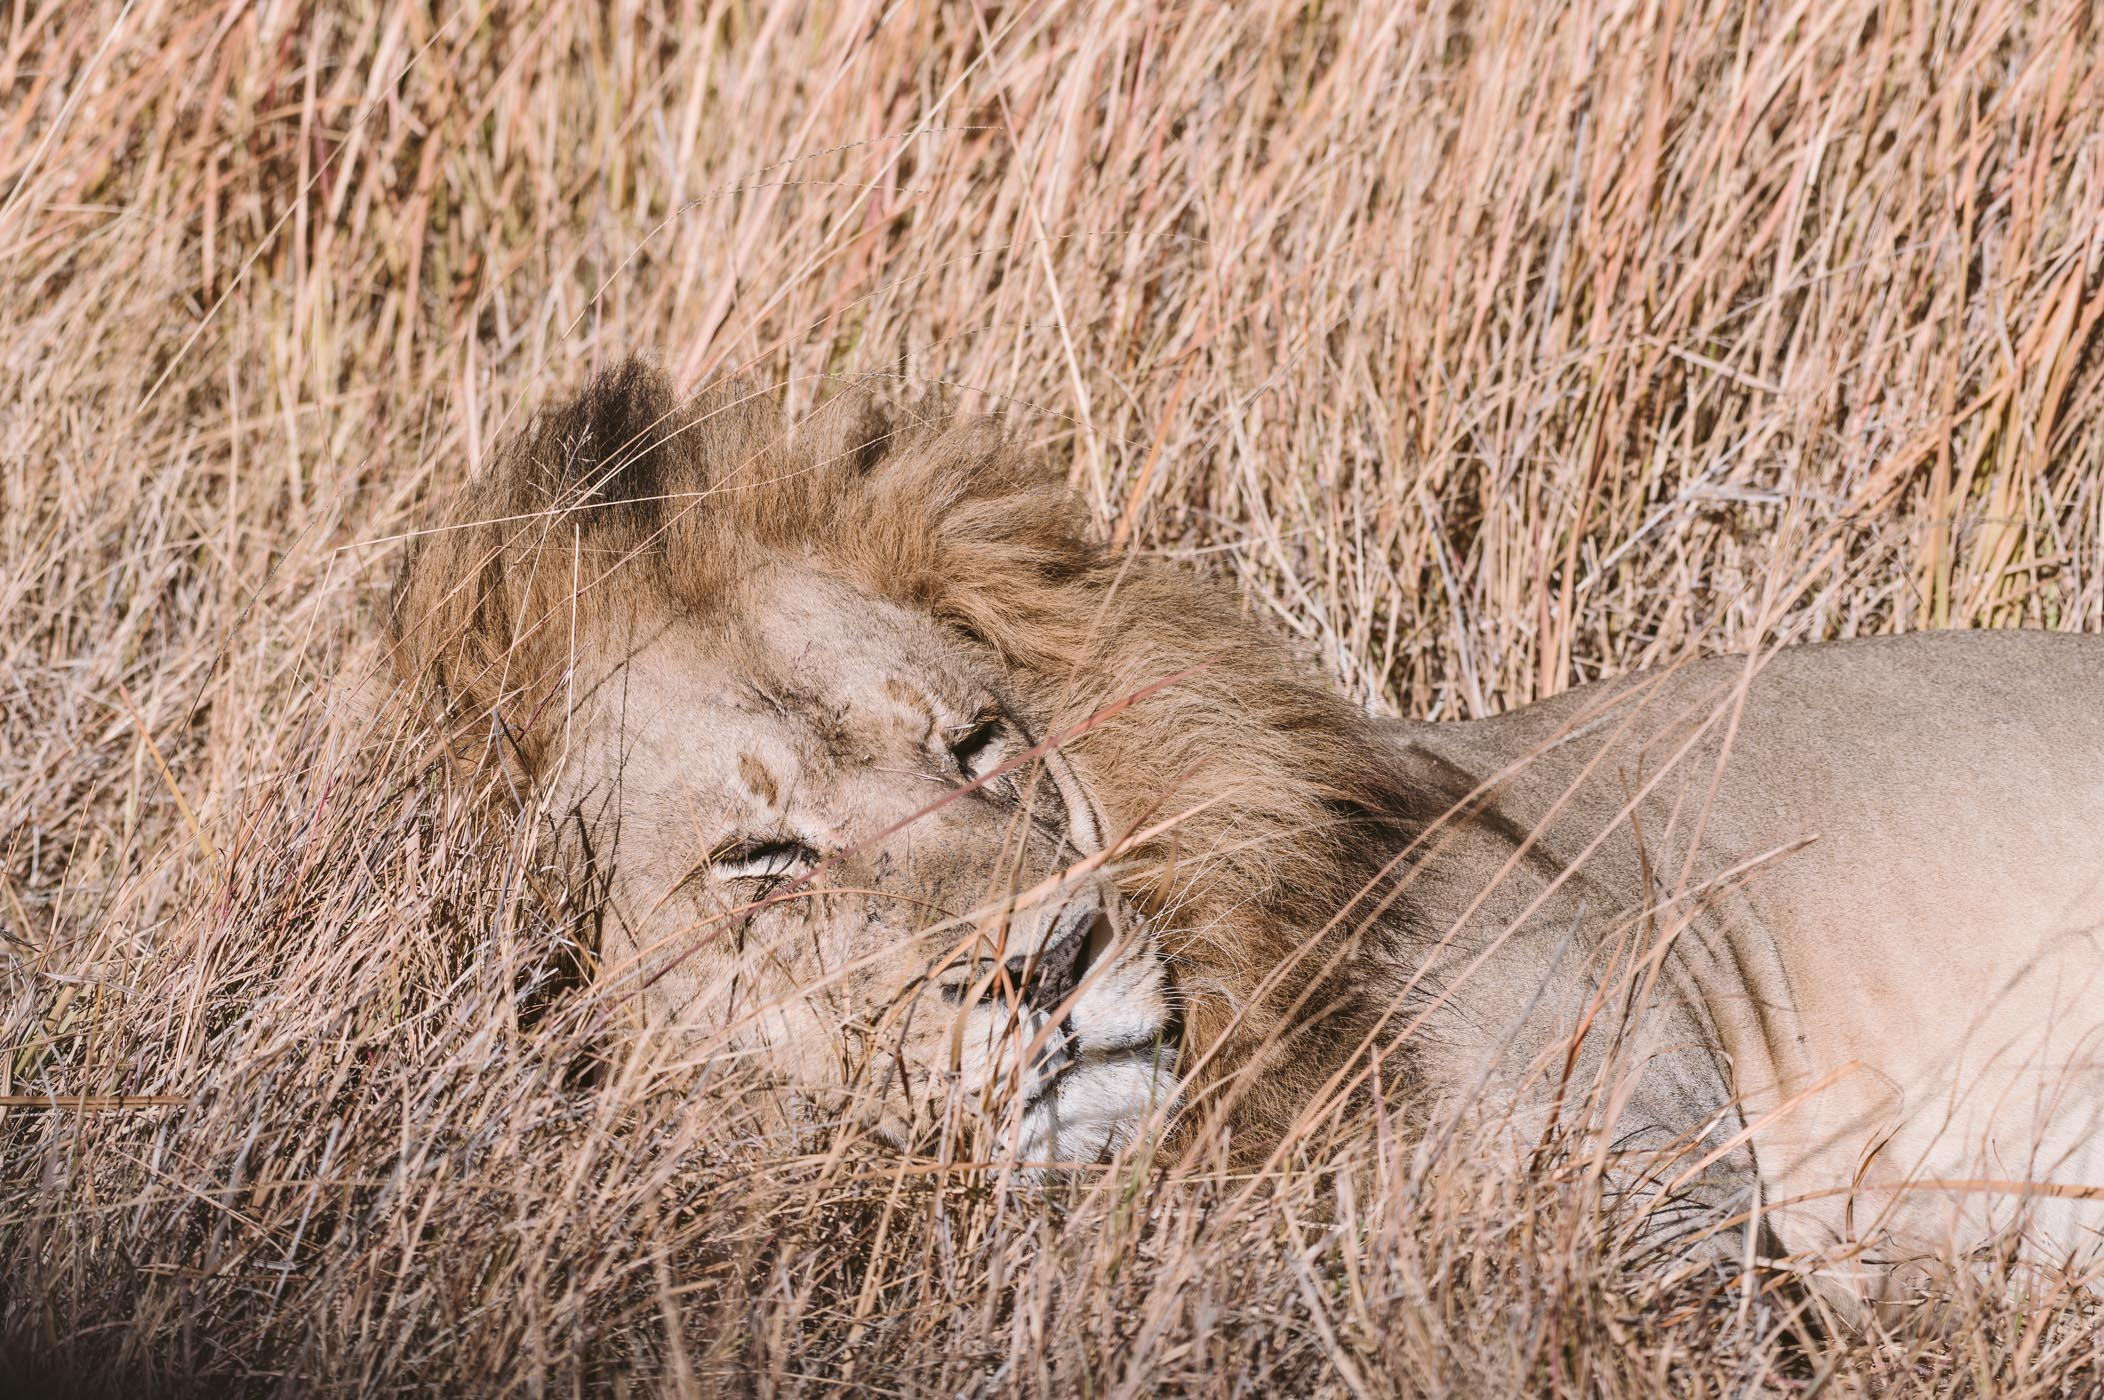 Lion in the Okavango Delta in Botswana